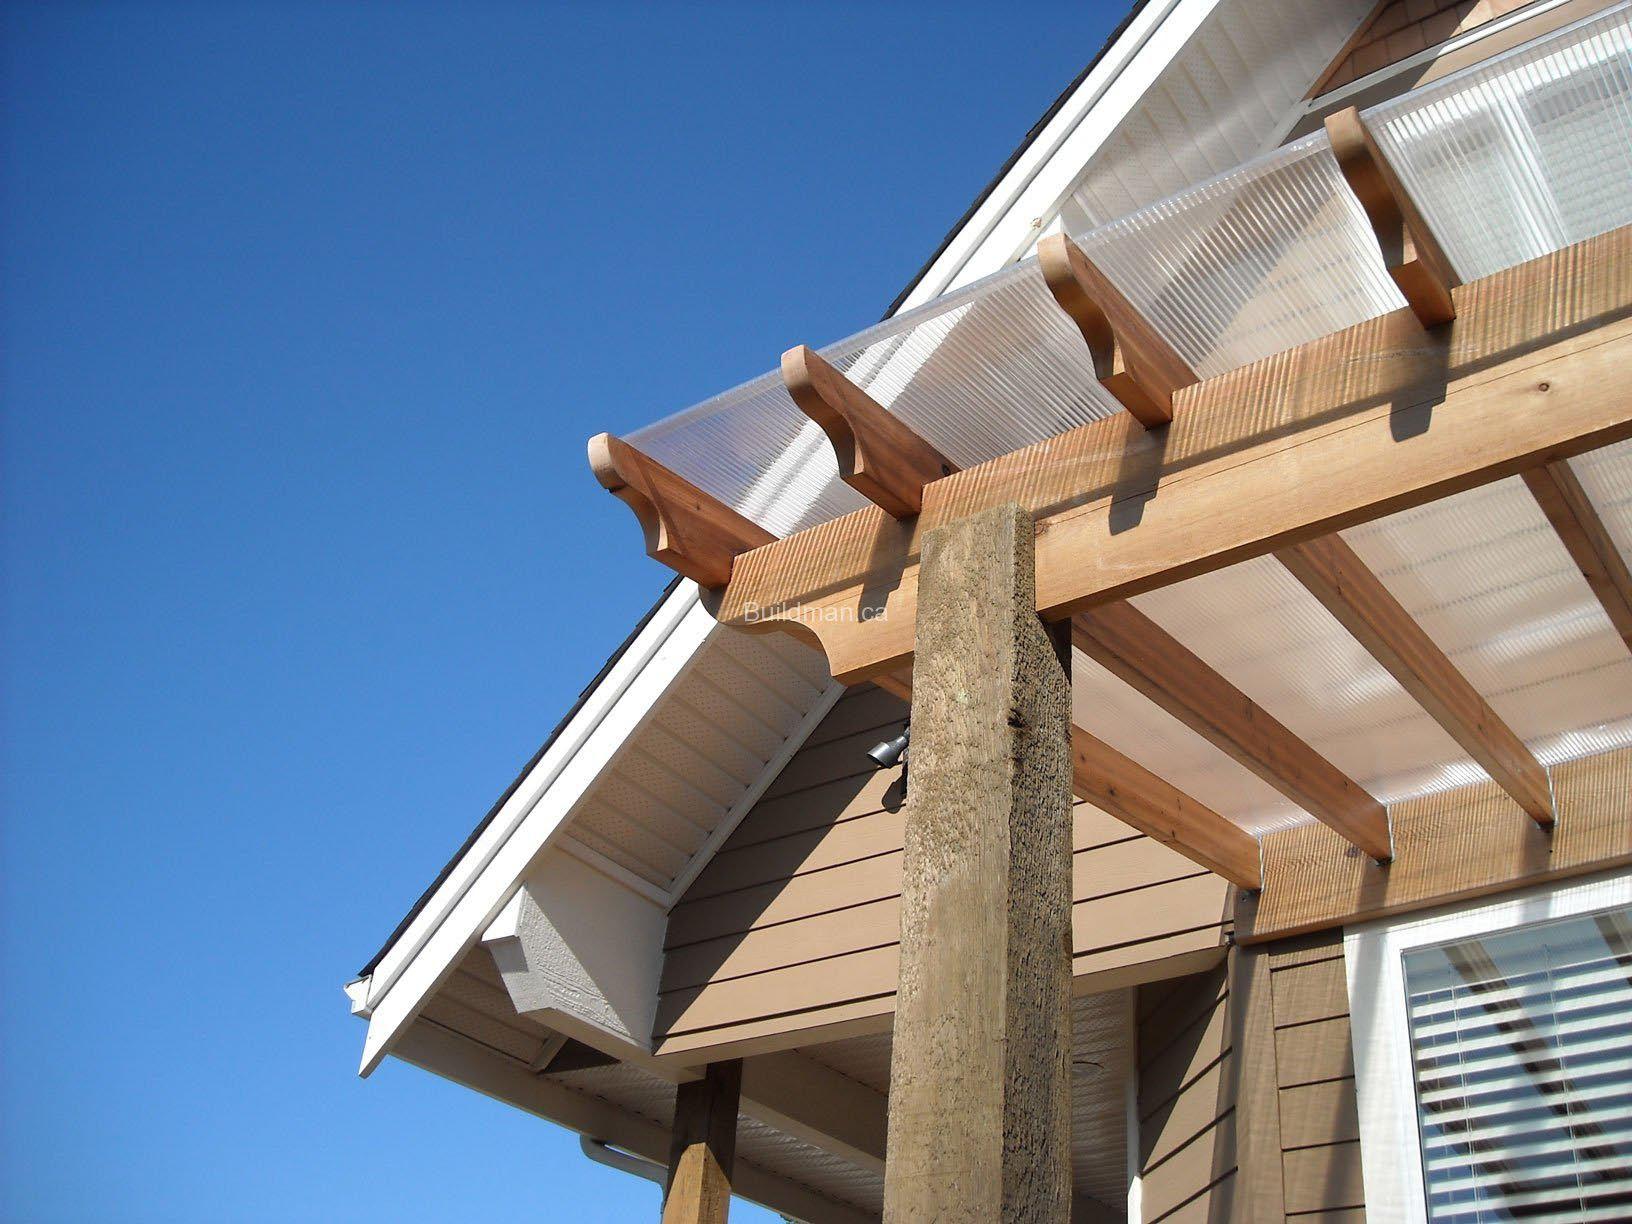 Pergola Roof Cover Materials Pergola Covered Pergola Outdoor Pergola